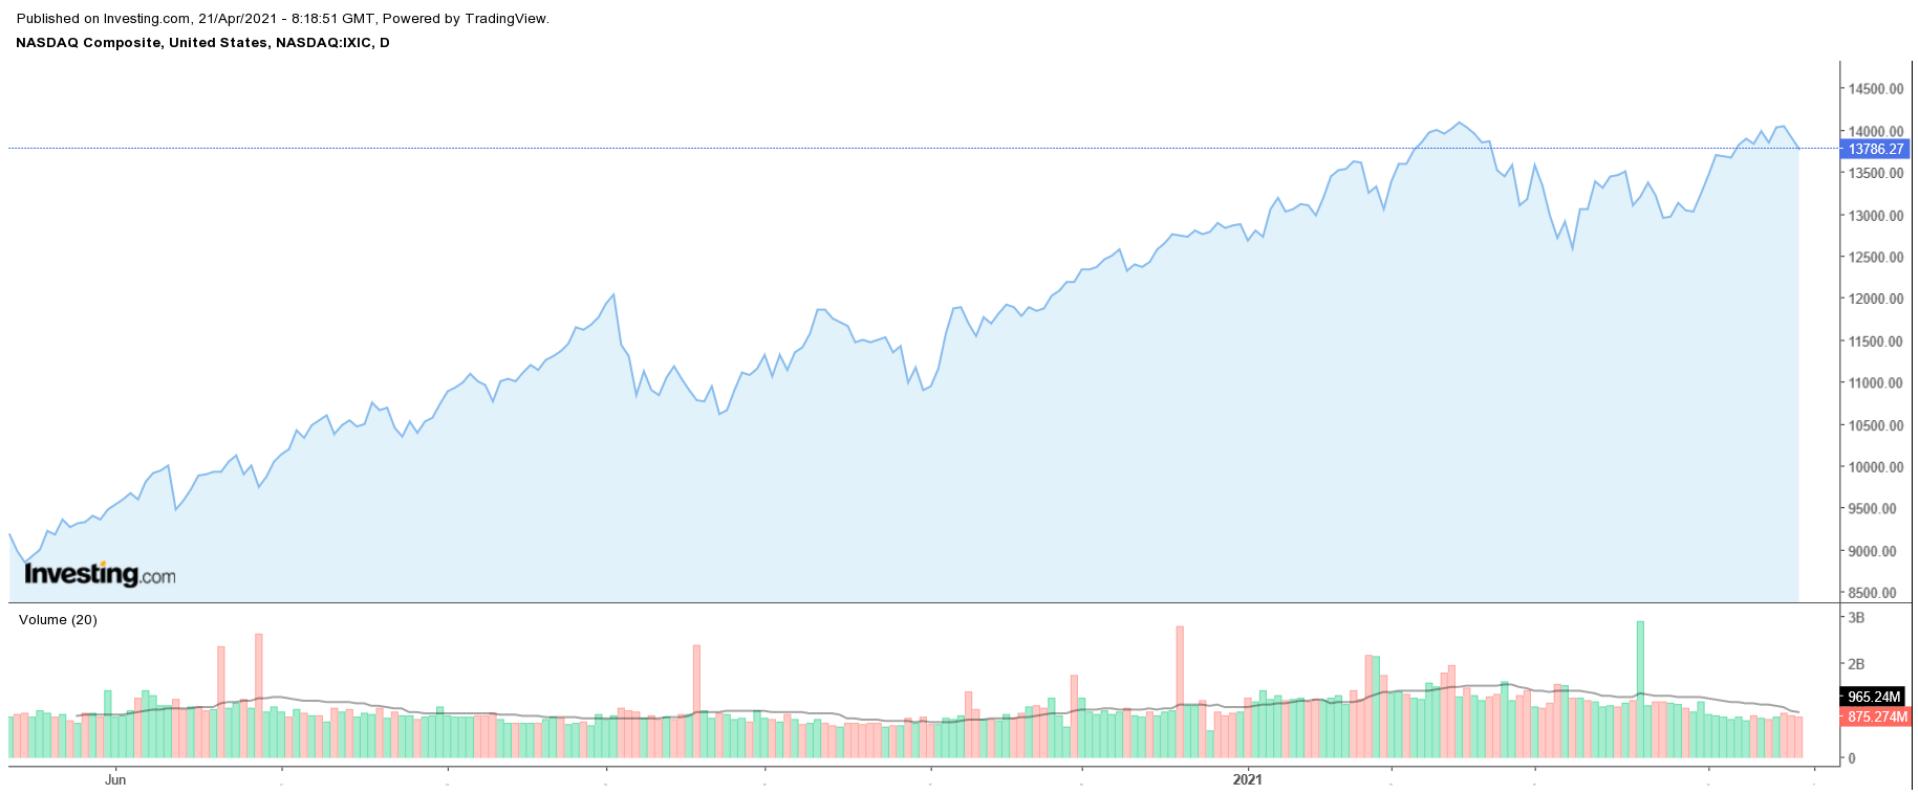 NASDAQ Composite Chart